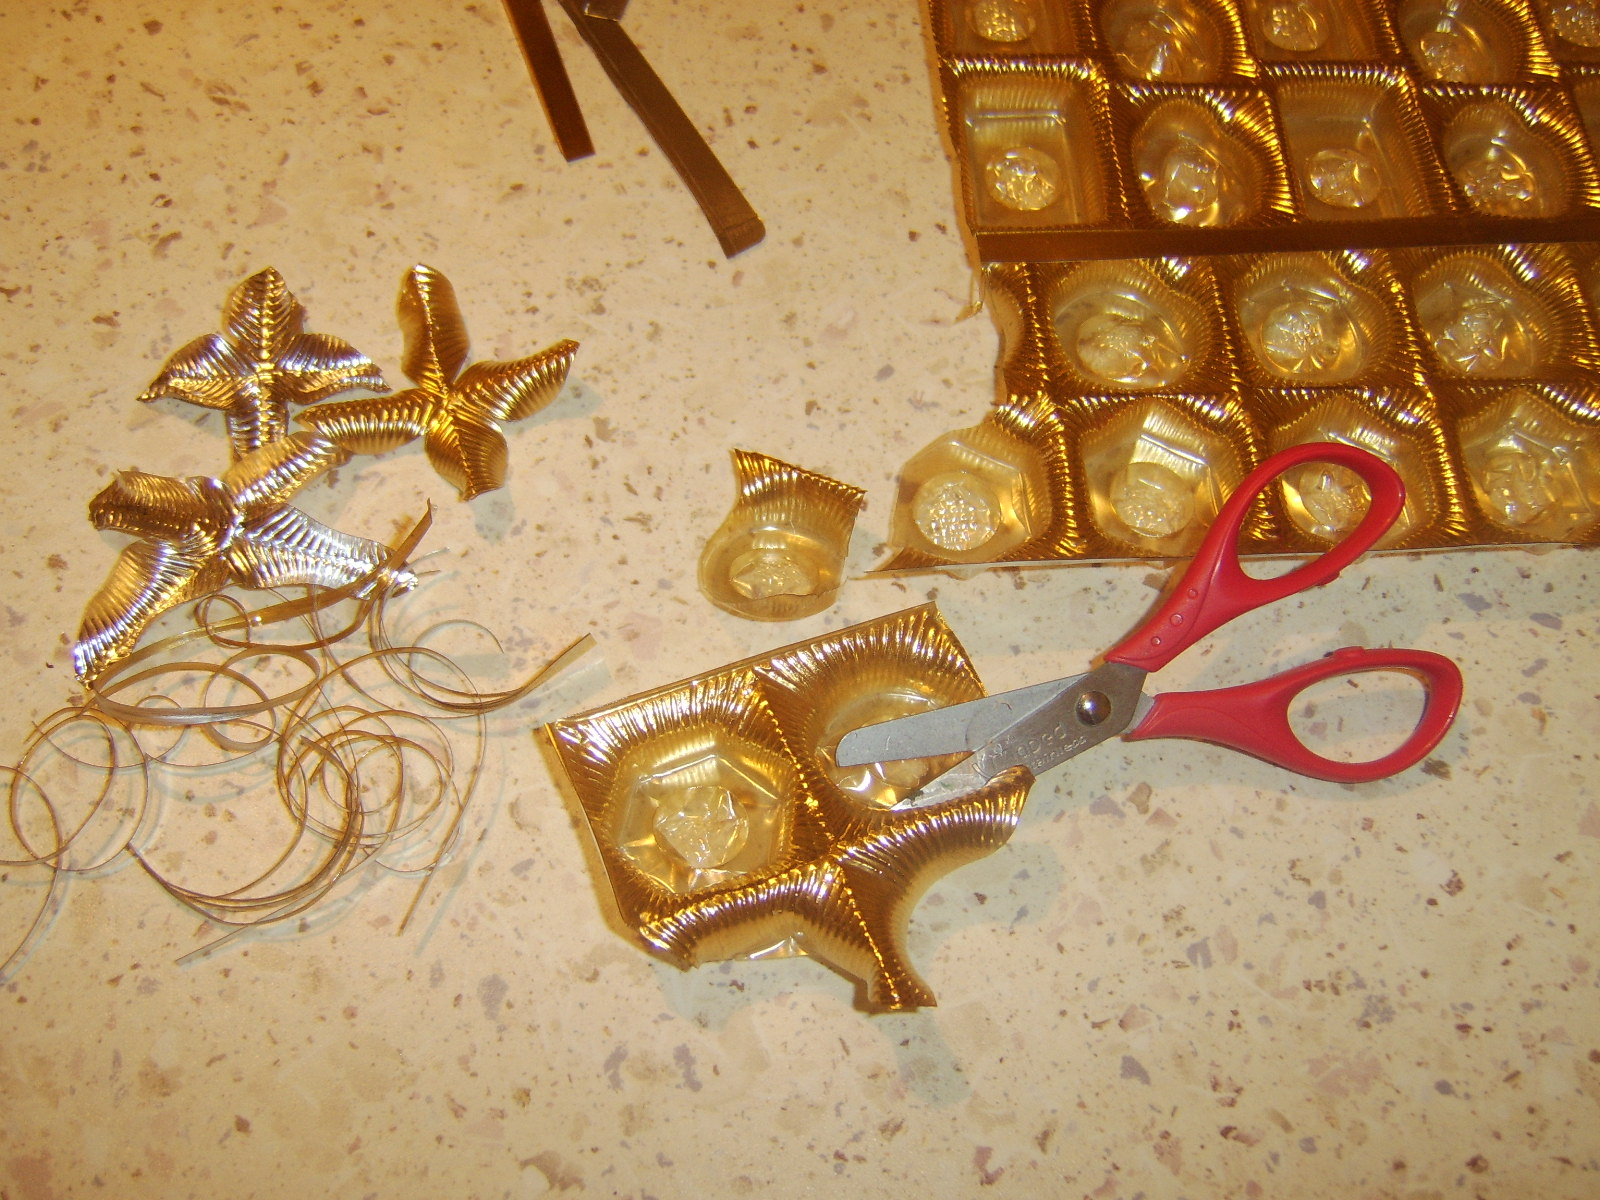 Поделки из коробок - 79 фото идей создания игрушек и украшений 51